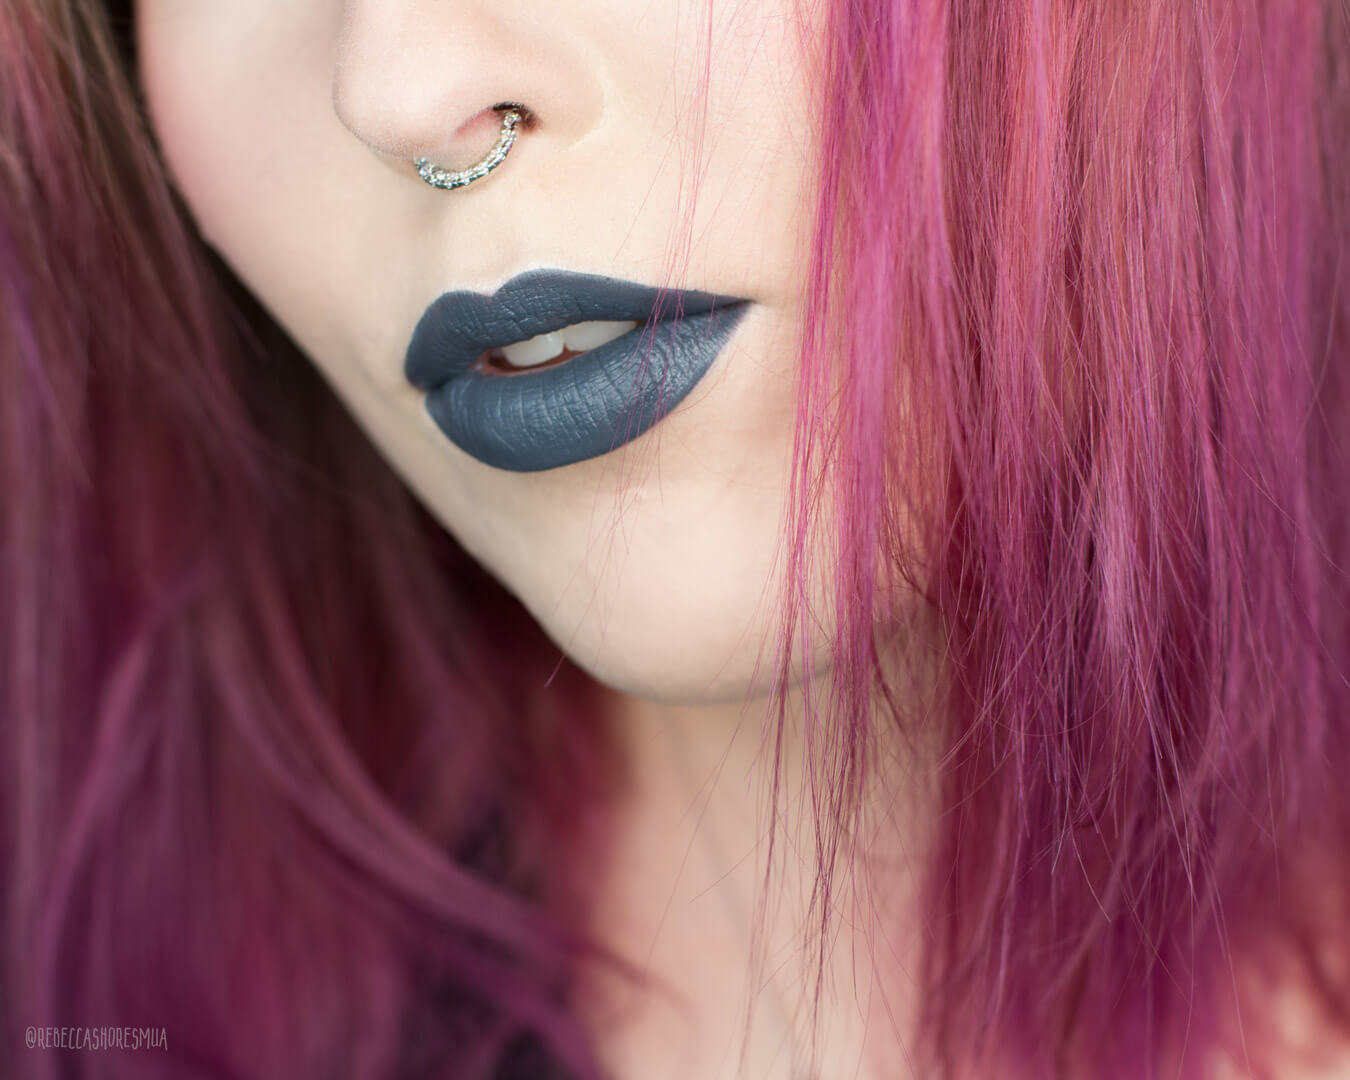 Nyx Cosmetics Lip Suede in Stone Fox